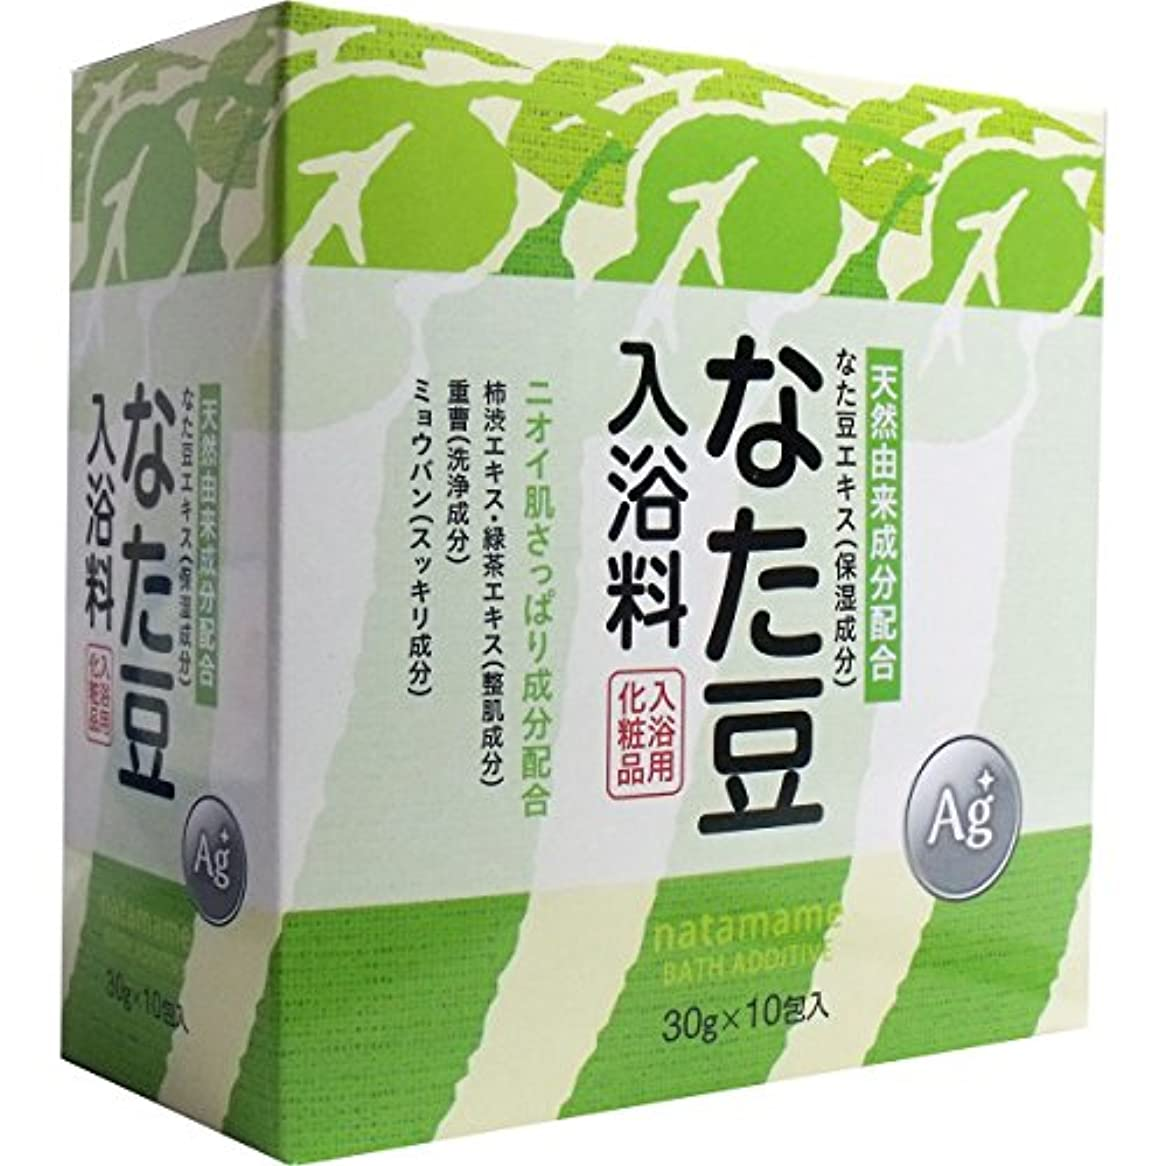 休眠カードその間なた豆入浴料 入浴用化粧品 30g×10包入×8